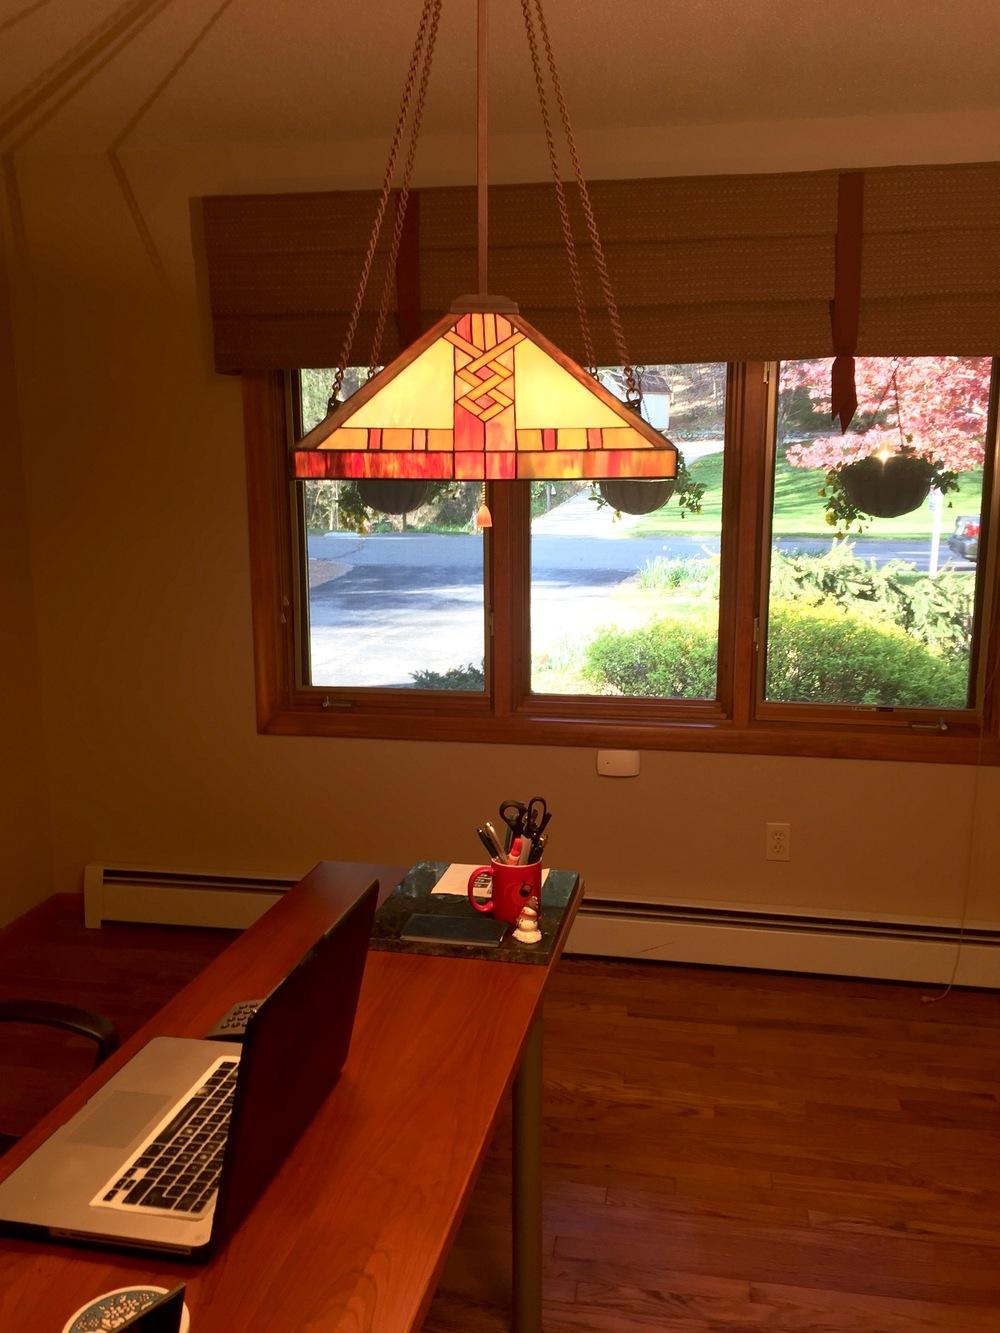 officediningroom1.jpg